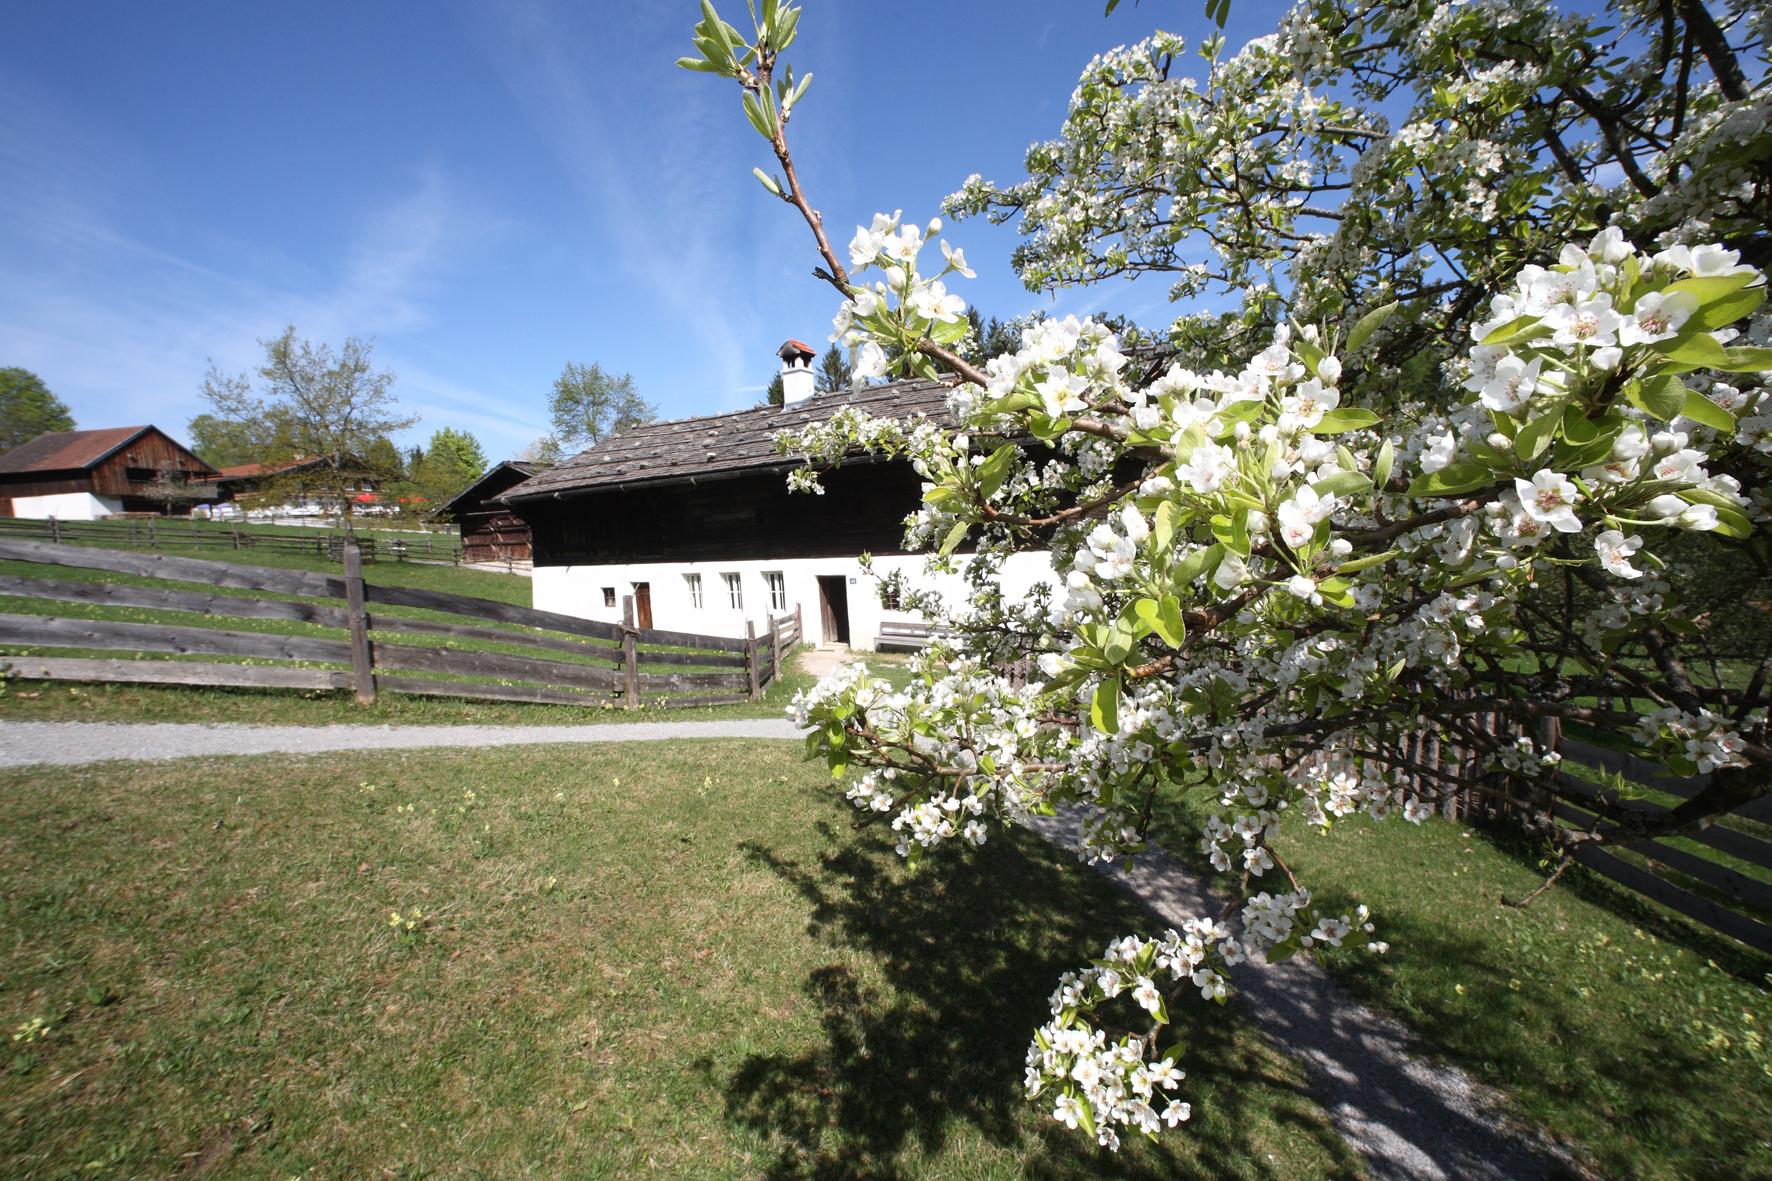 Freilichtmuseum Glentleiten - ZugspitzCard - günstiger